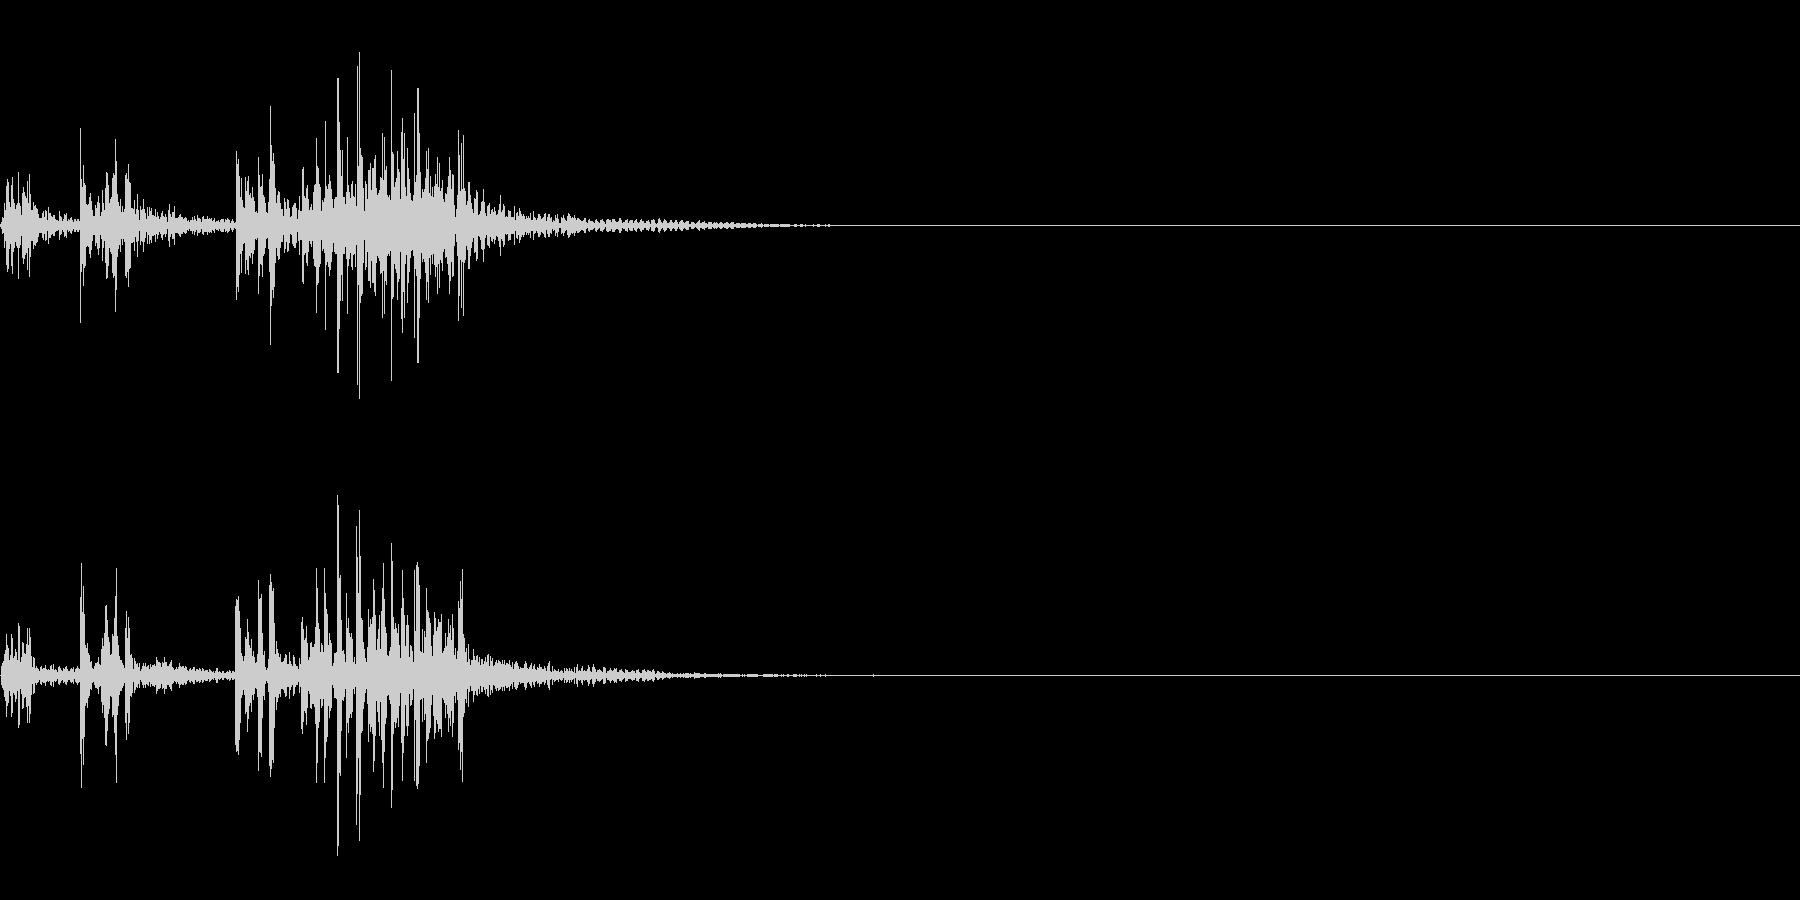 スパーク音-45の未再生の波形